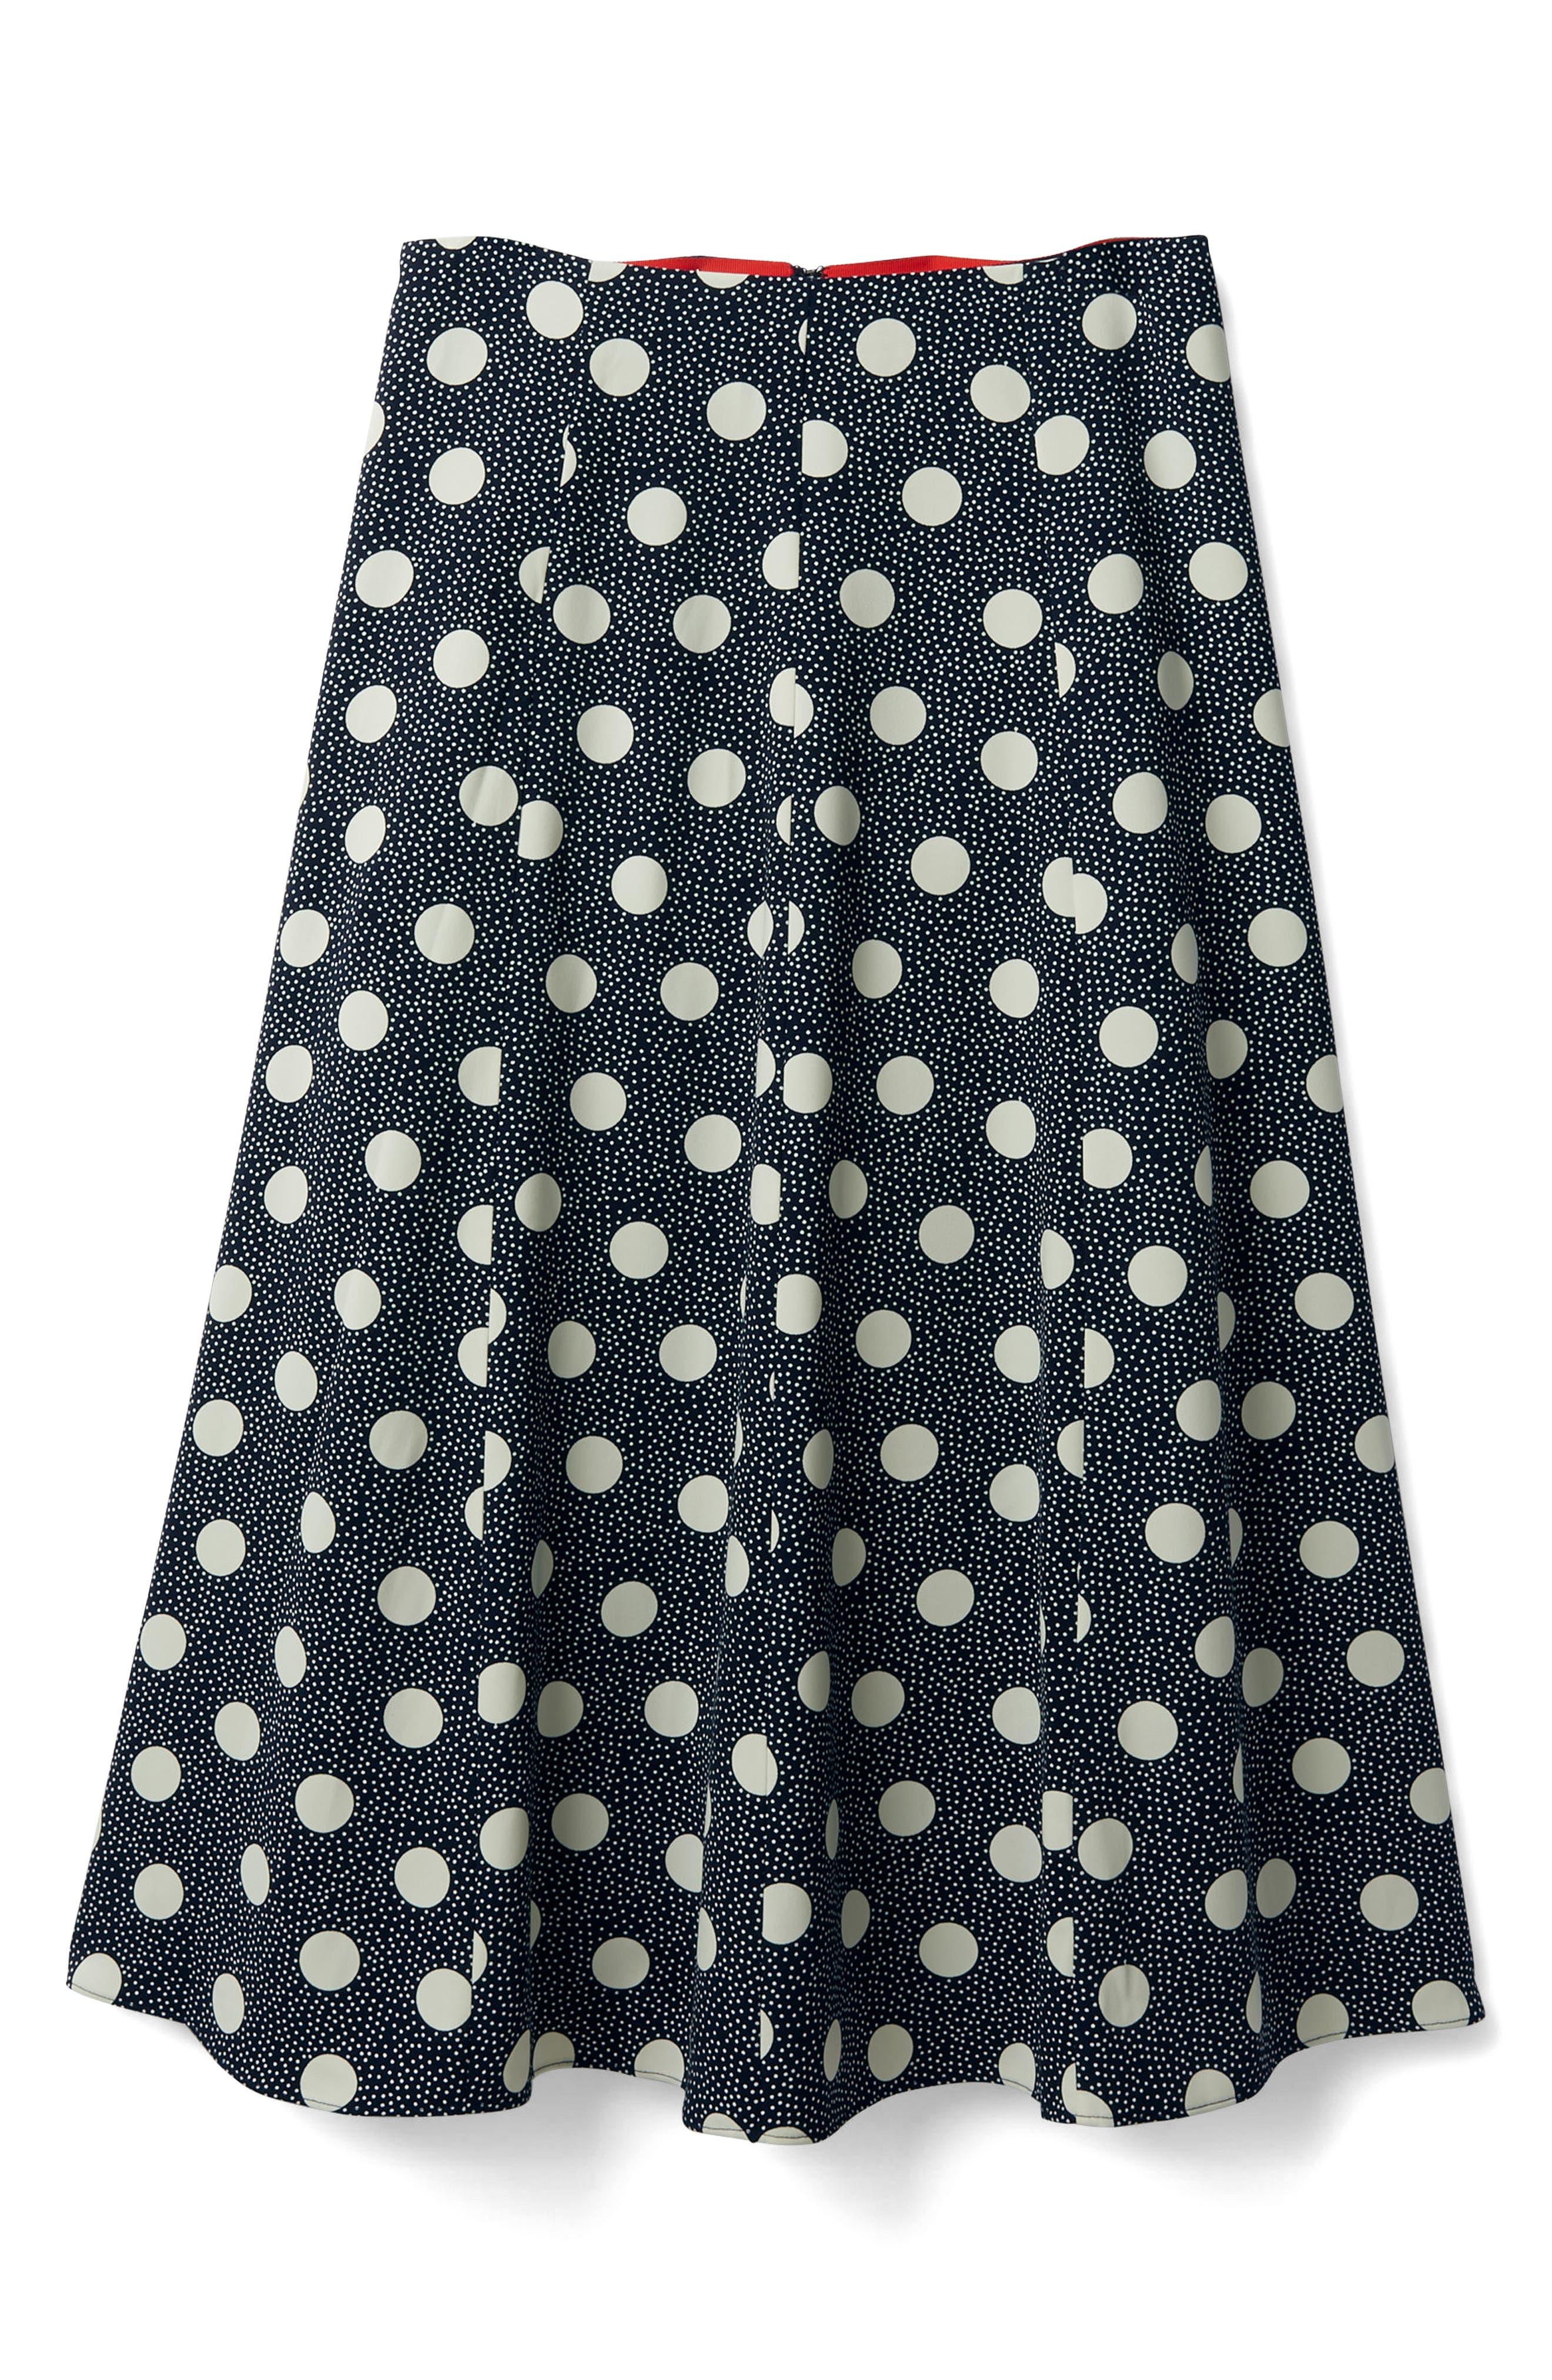 Floaty Polka Dot Midi Skirt,                             Alternate thumbnail 4, color,                             Navy Spot On Spot